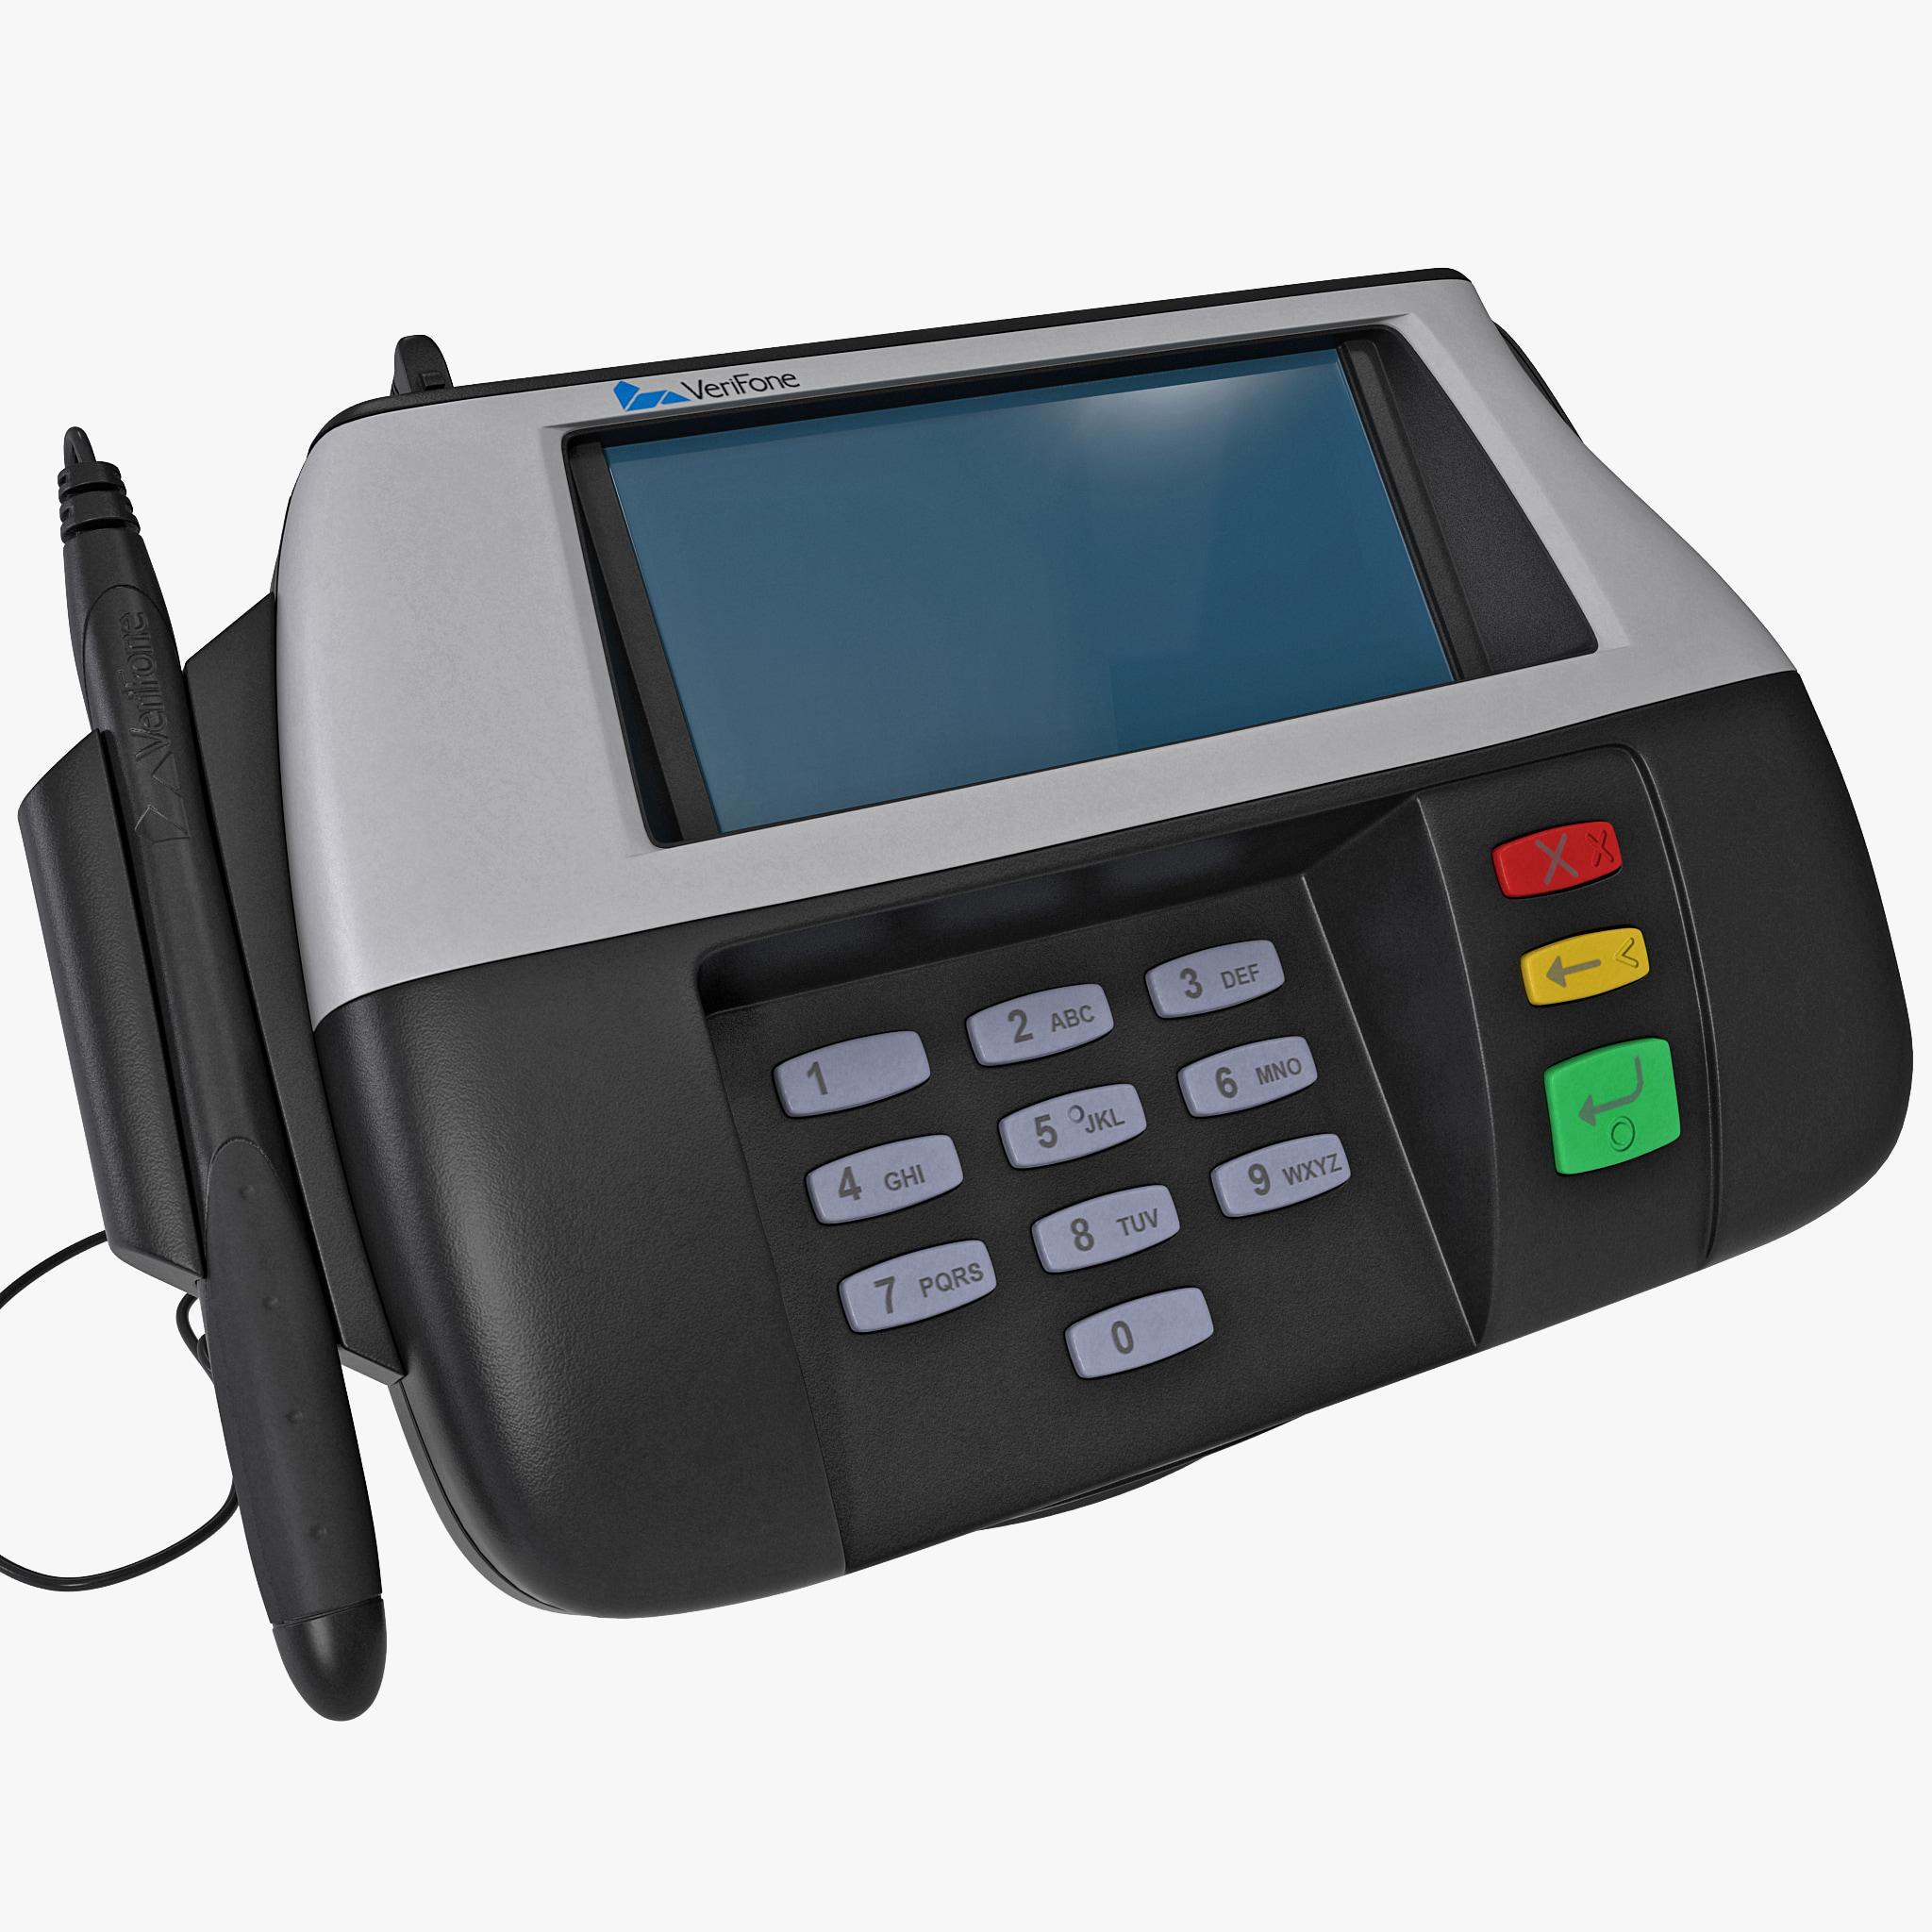 credit card machine verifone